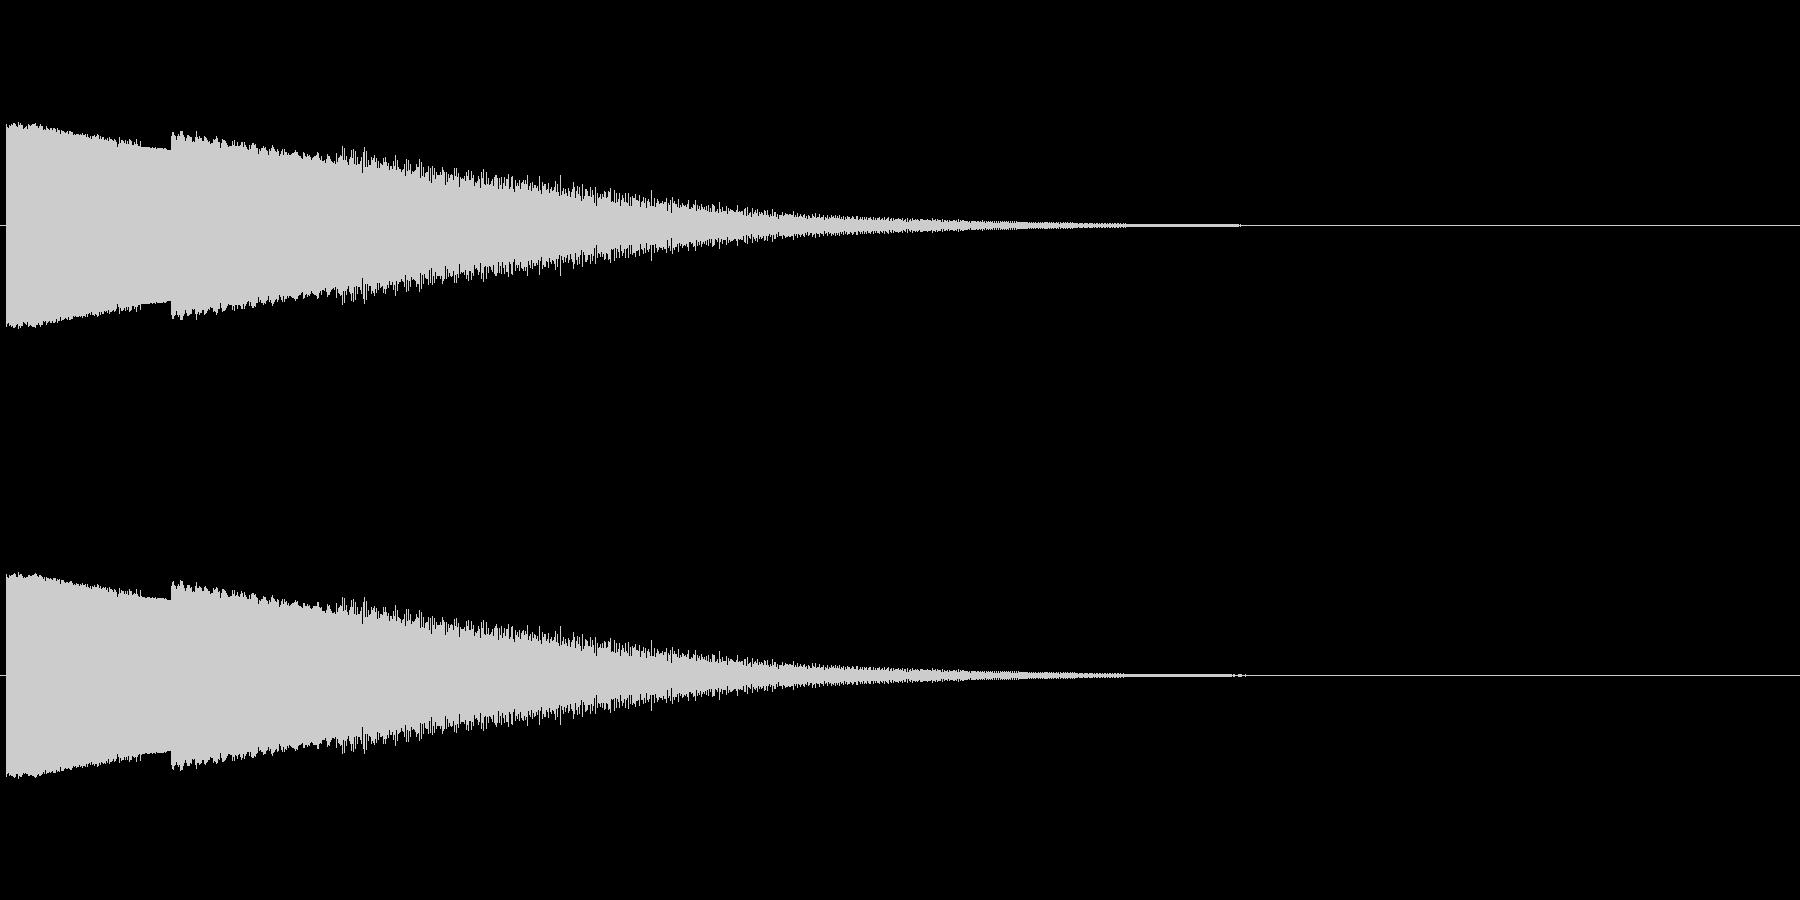 ピュー 下降の未再生の波形